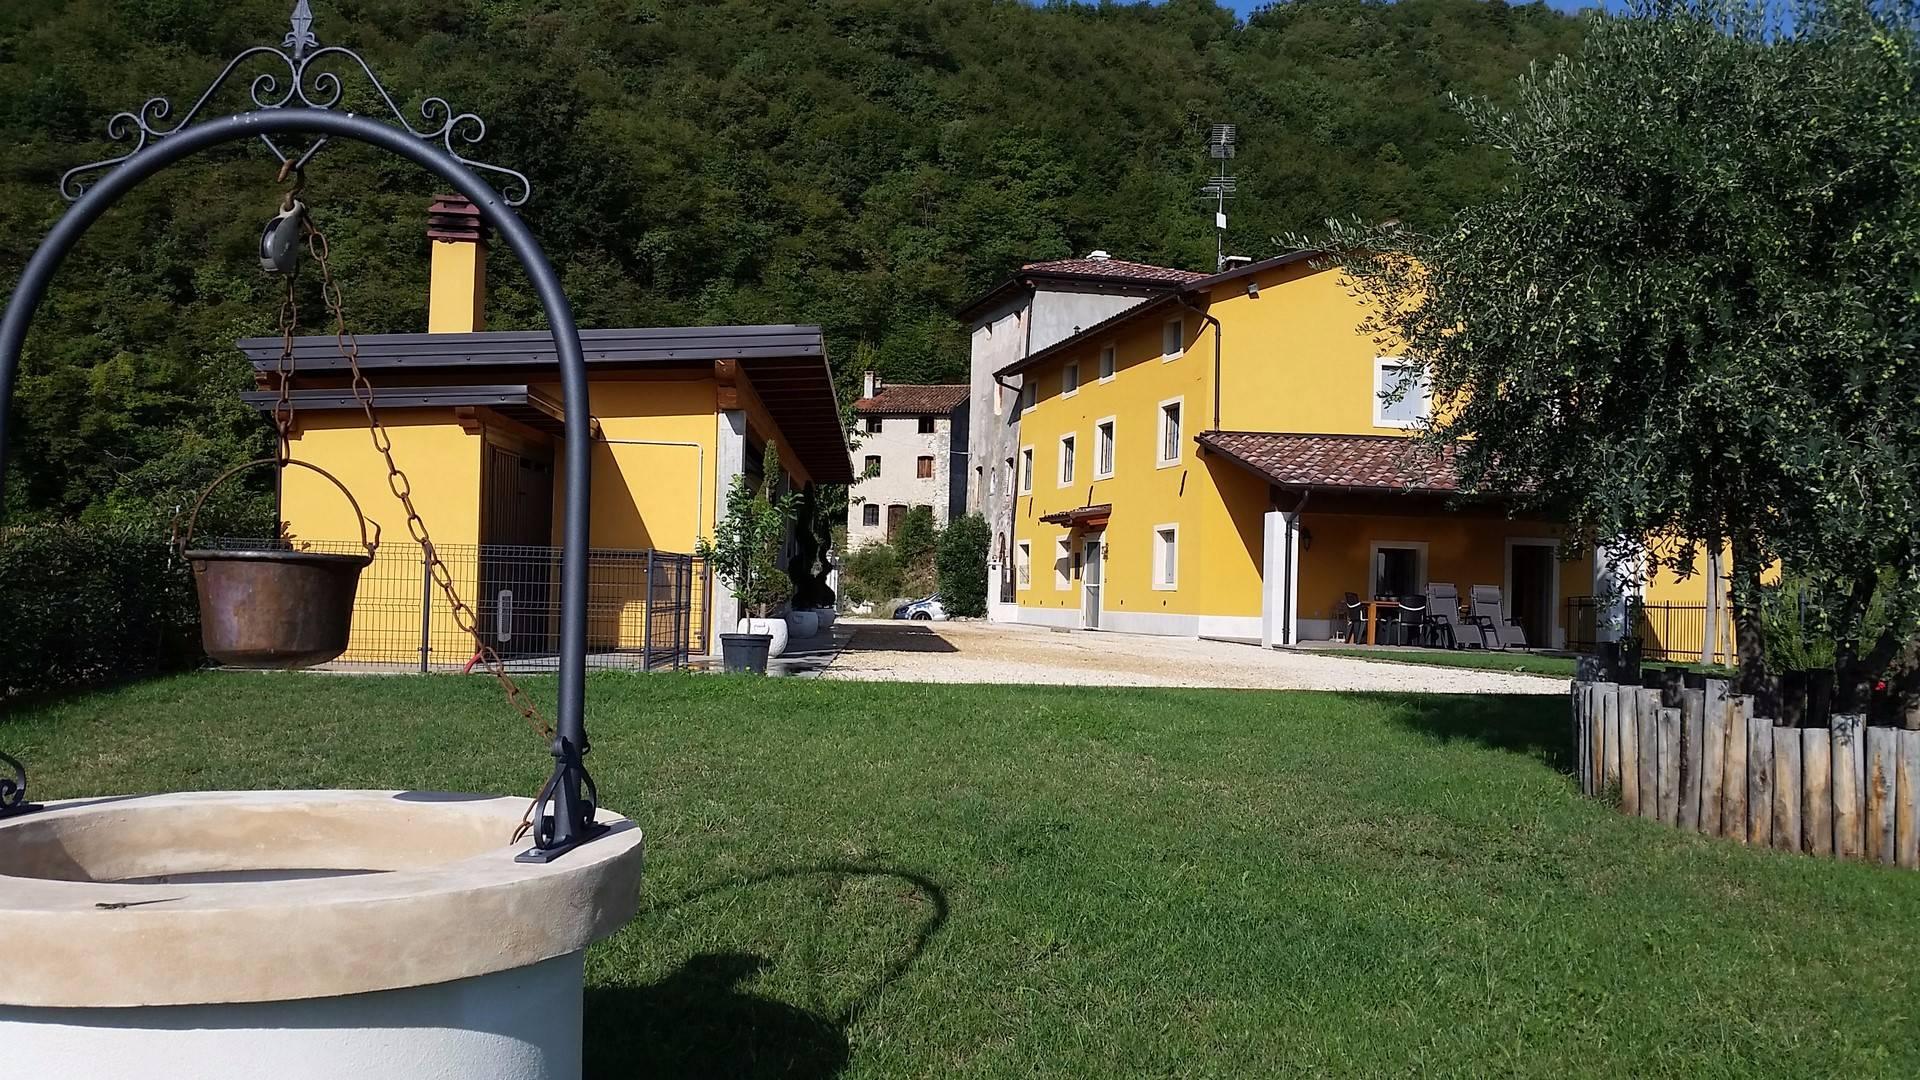 Rustico / Casale in vendita a San Giovanni Ilarione, 5 locali, prezzo € 370.000 | CambioCasa.it